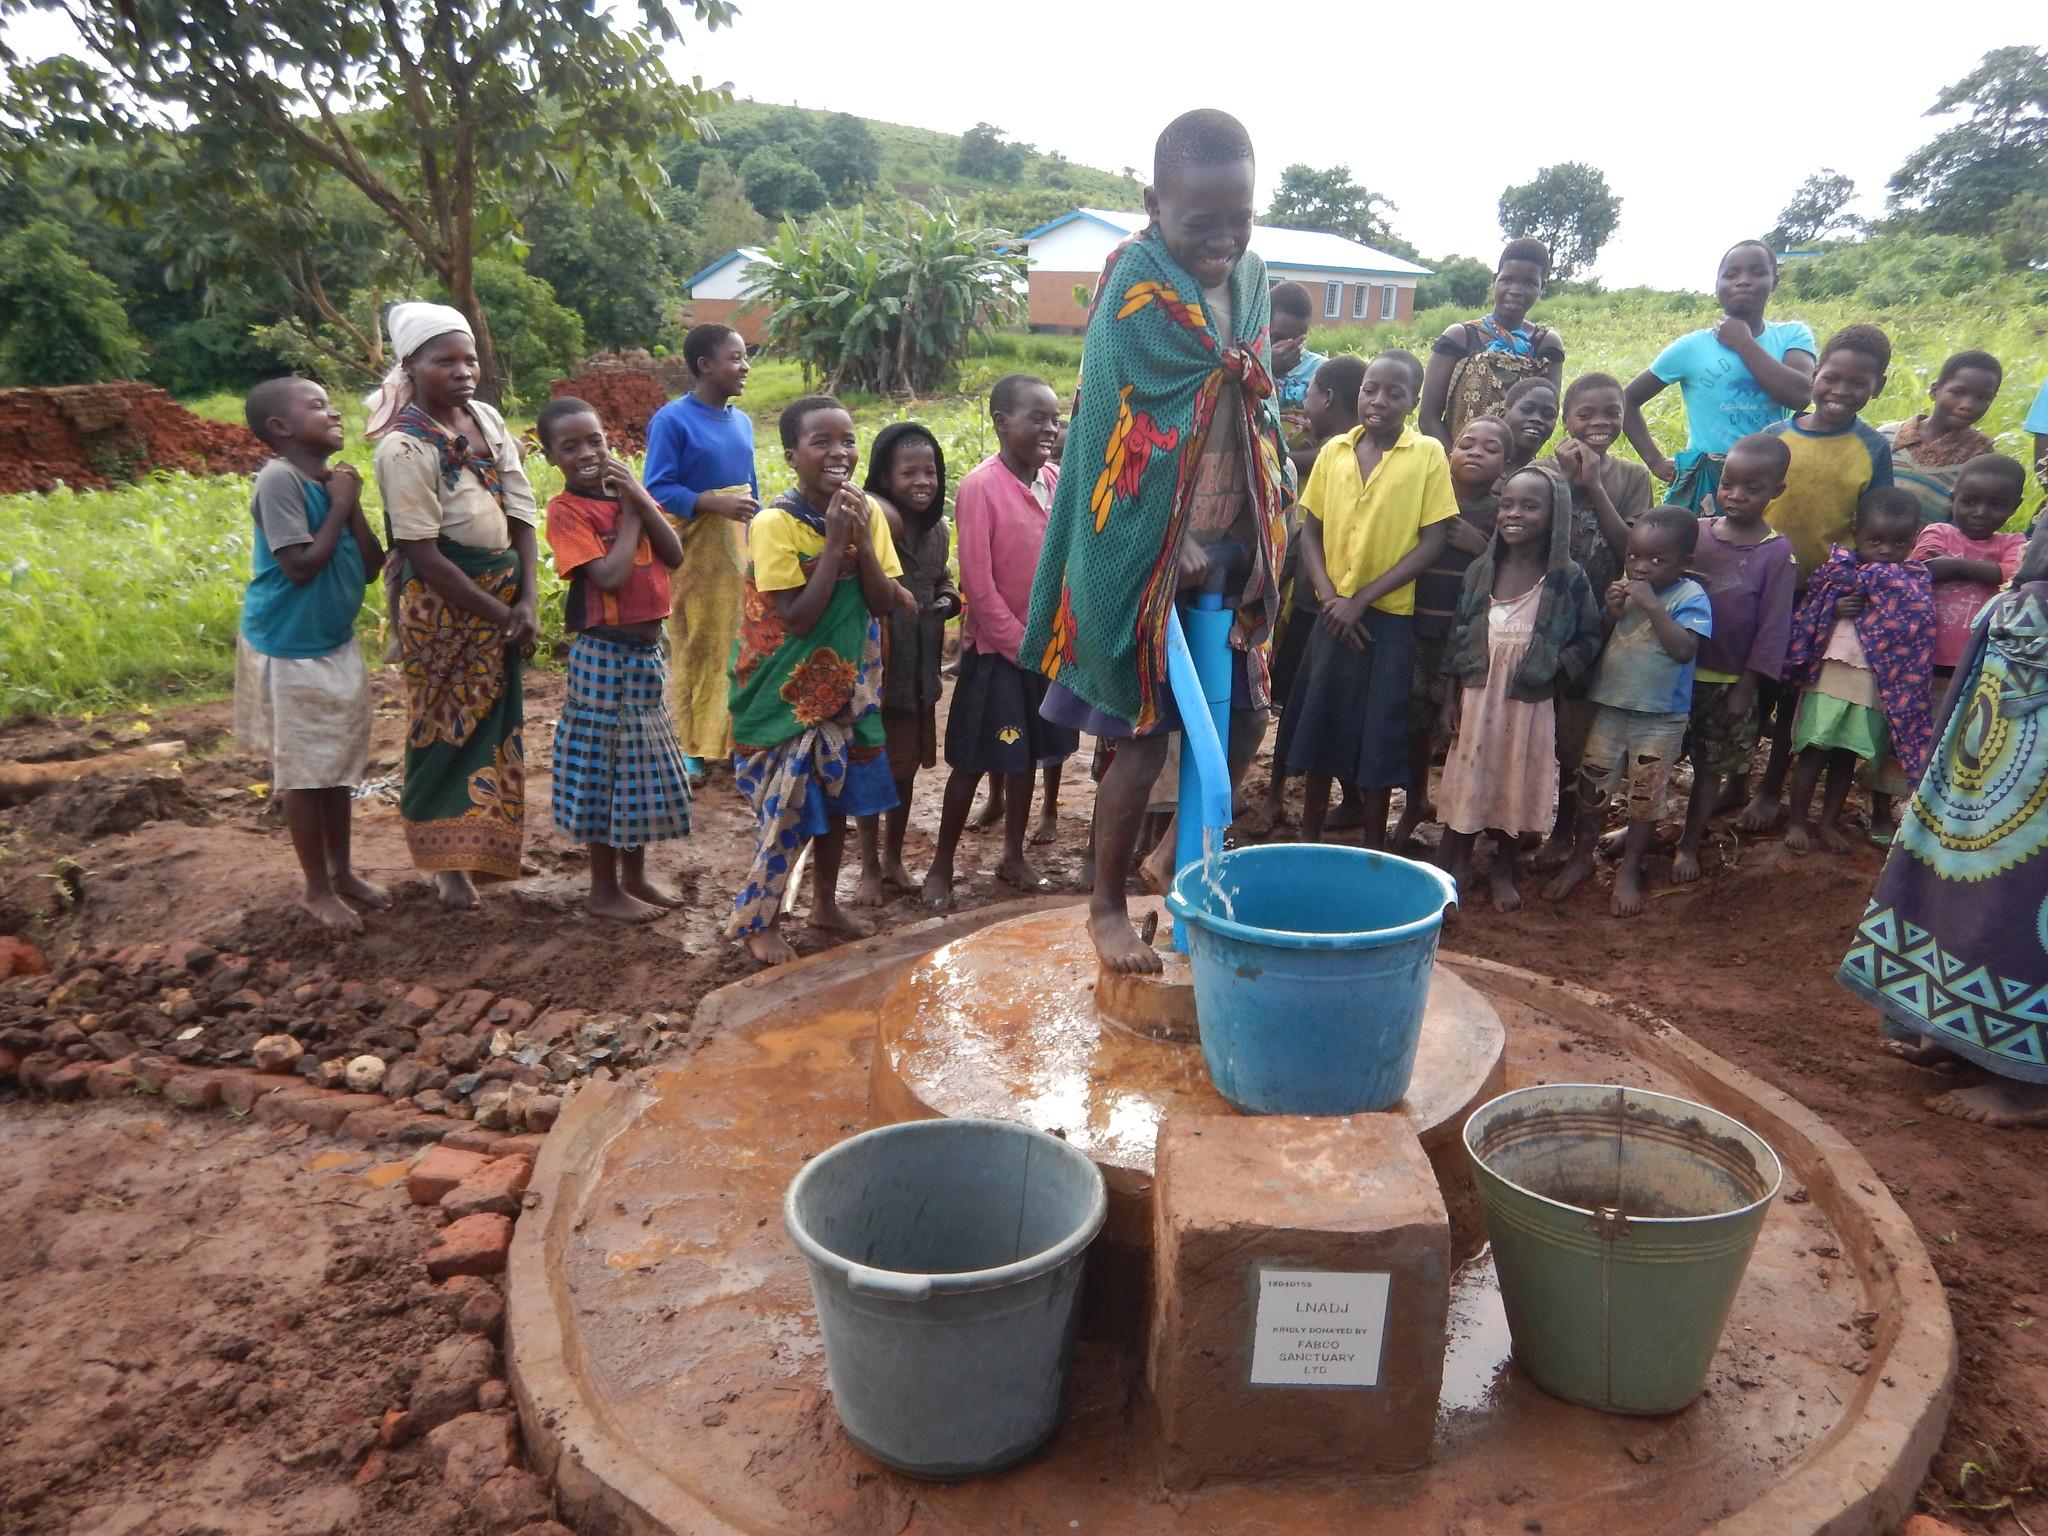 Afulu - pump 19D4D153